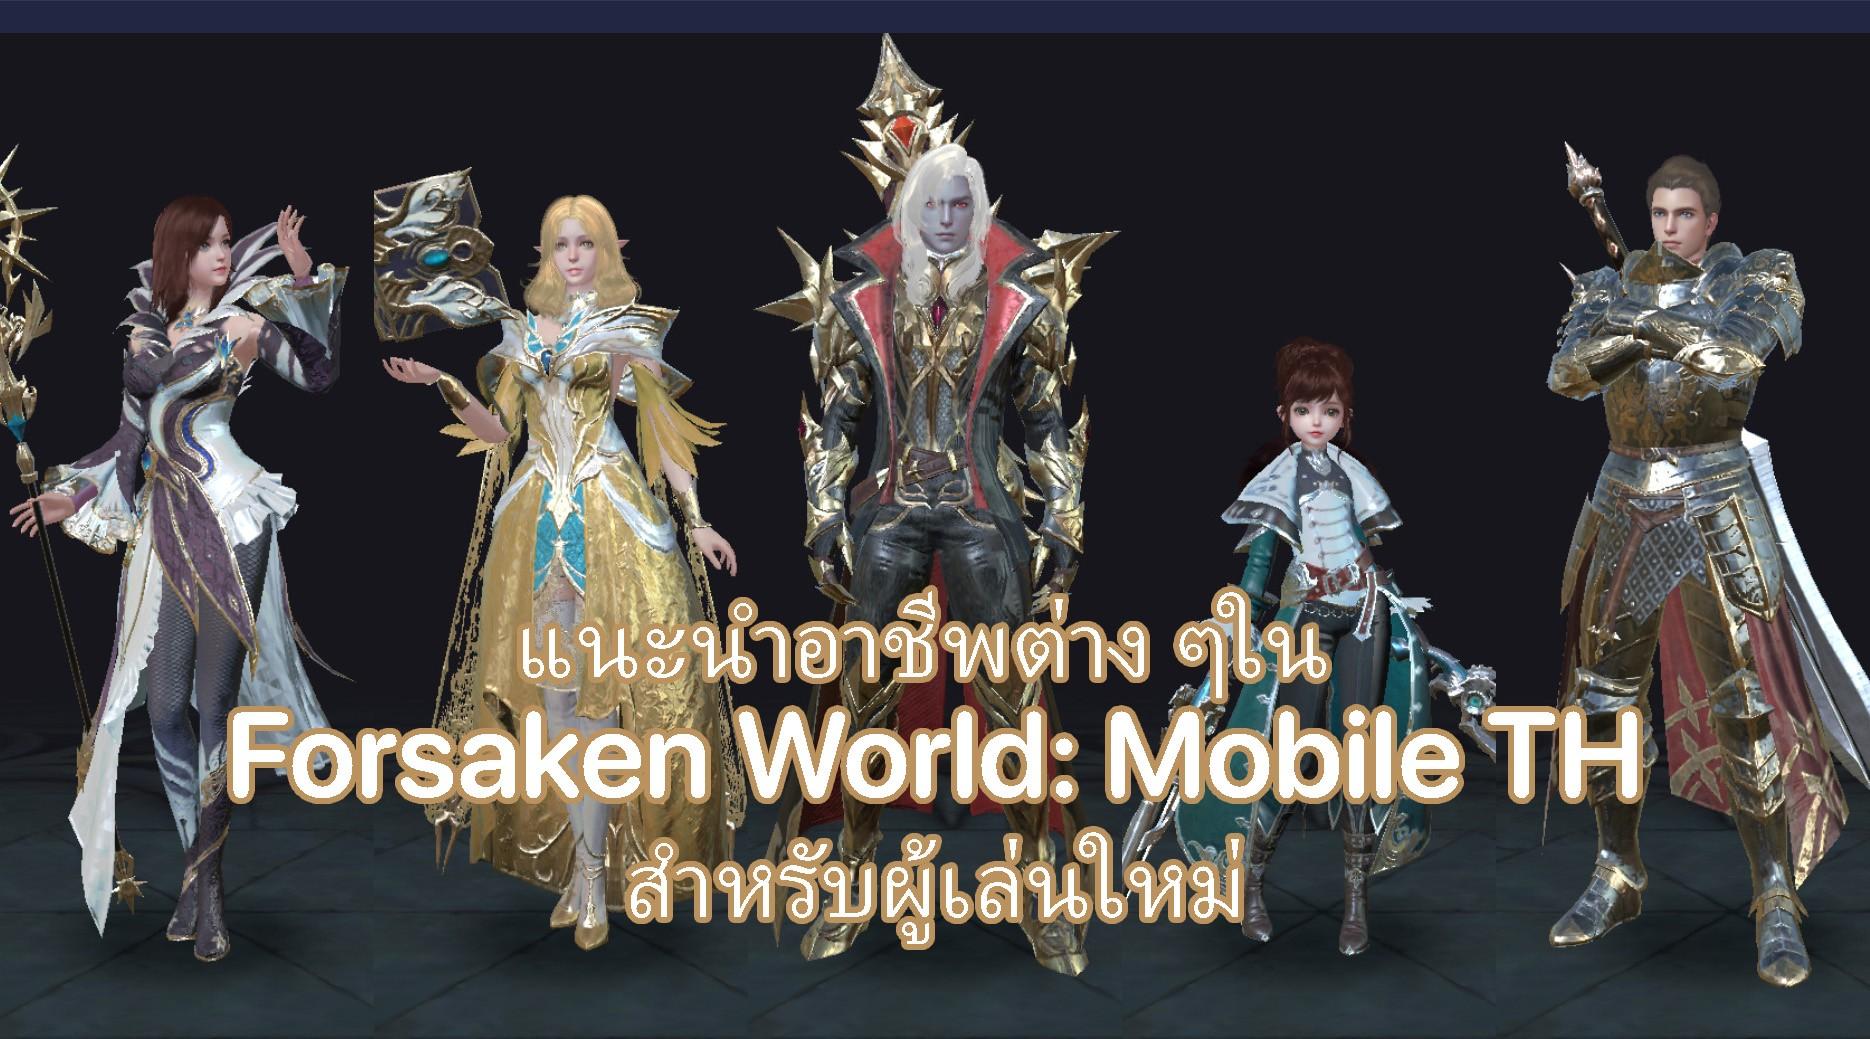 อาชีพของตัวเกมจาก Forsaken World